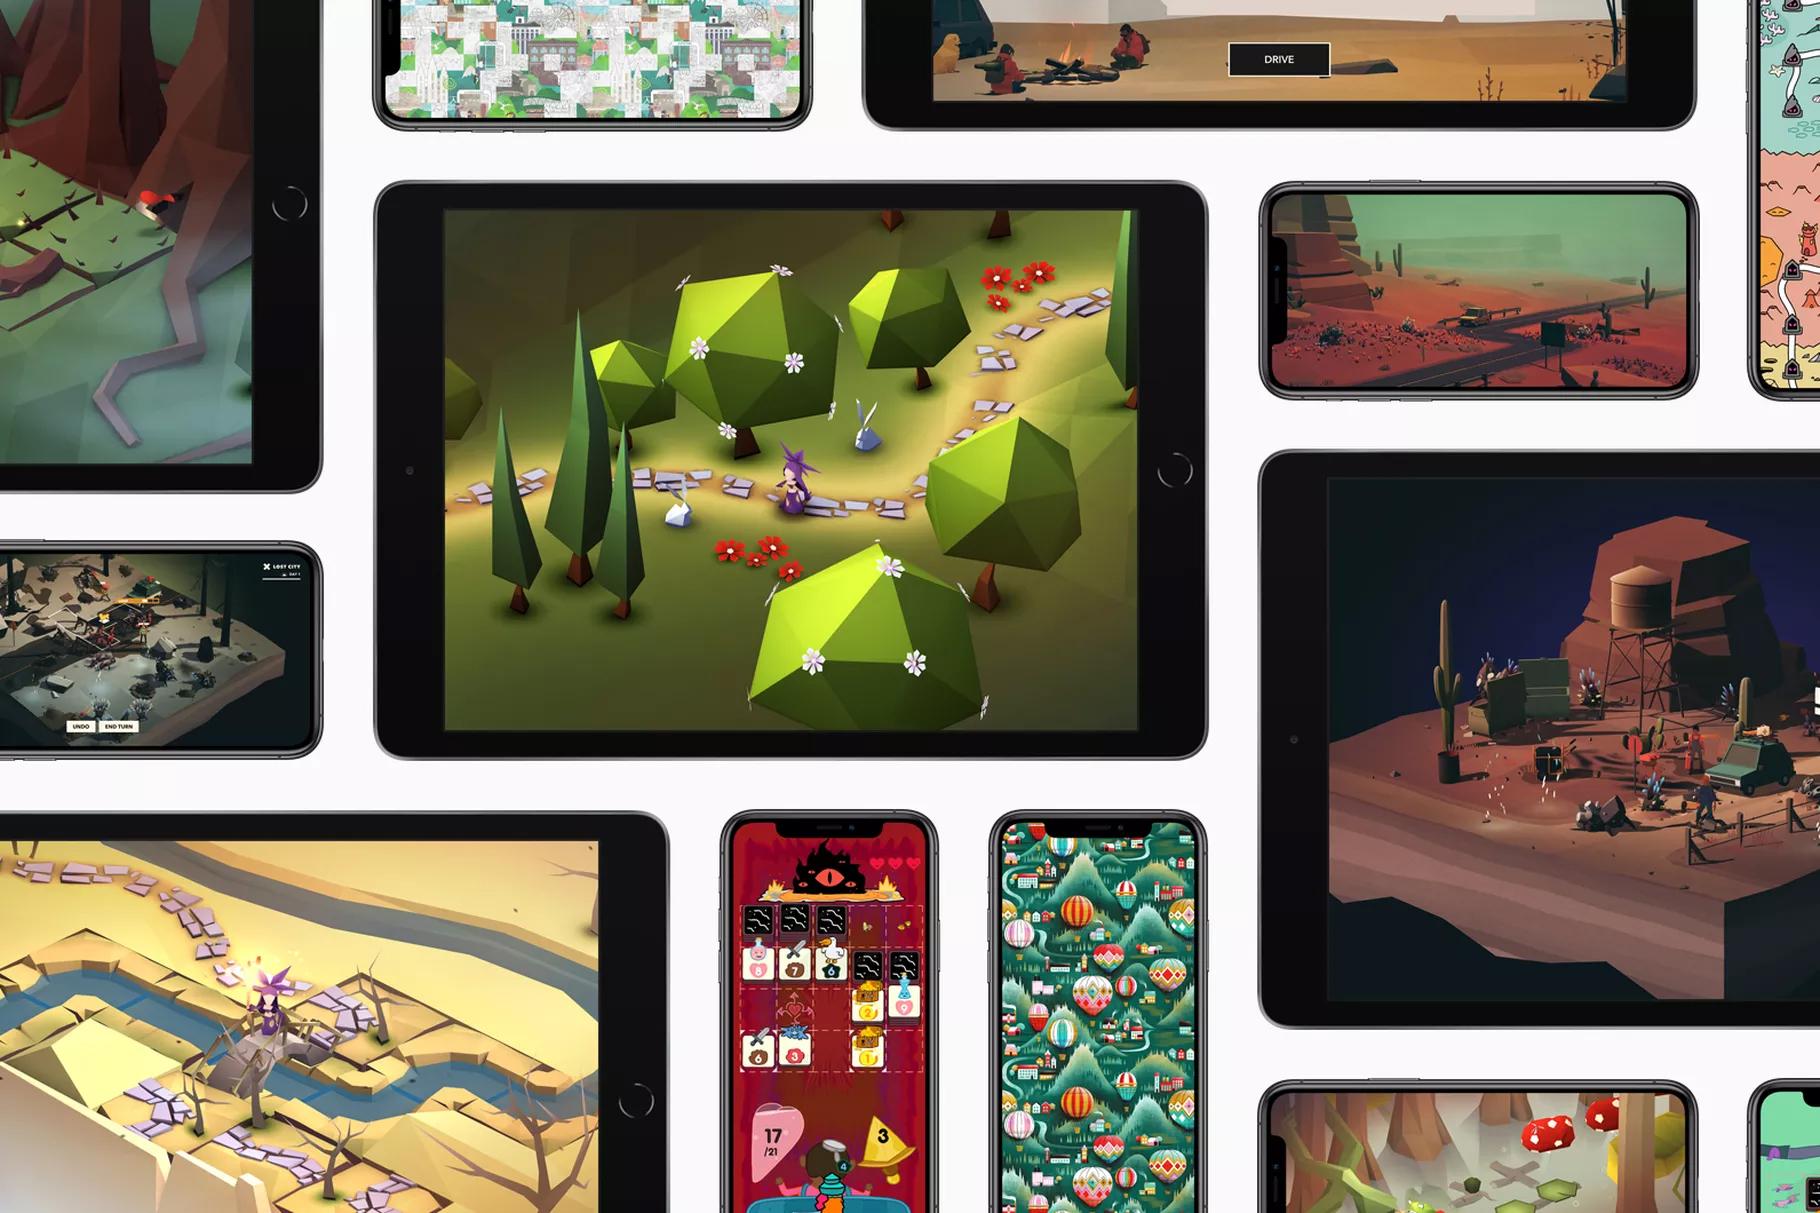 ลองเล่น Apple Arcade ก่อนใคร สำหรับชาว iOS 13 beta